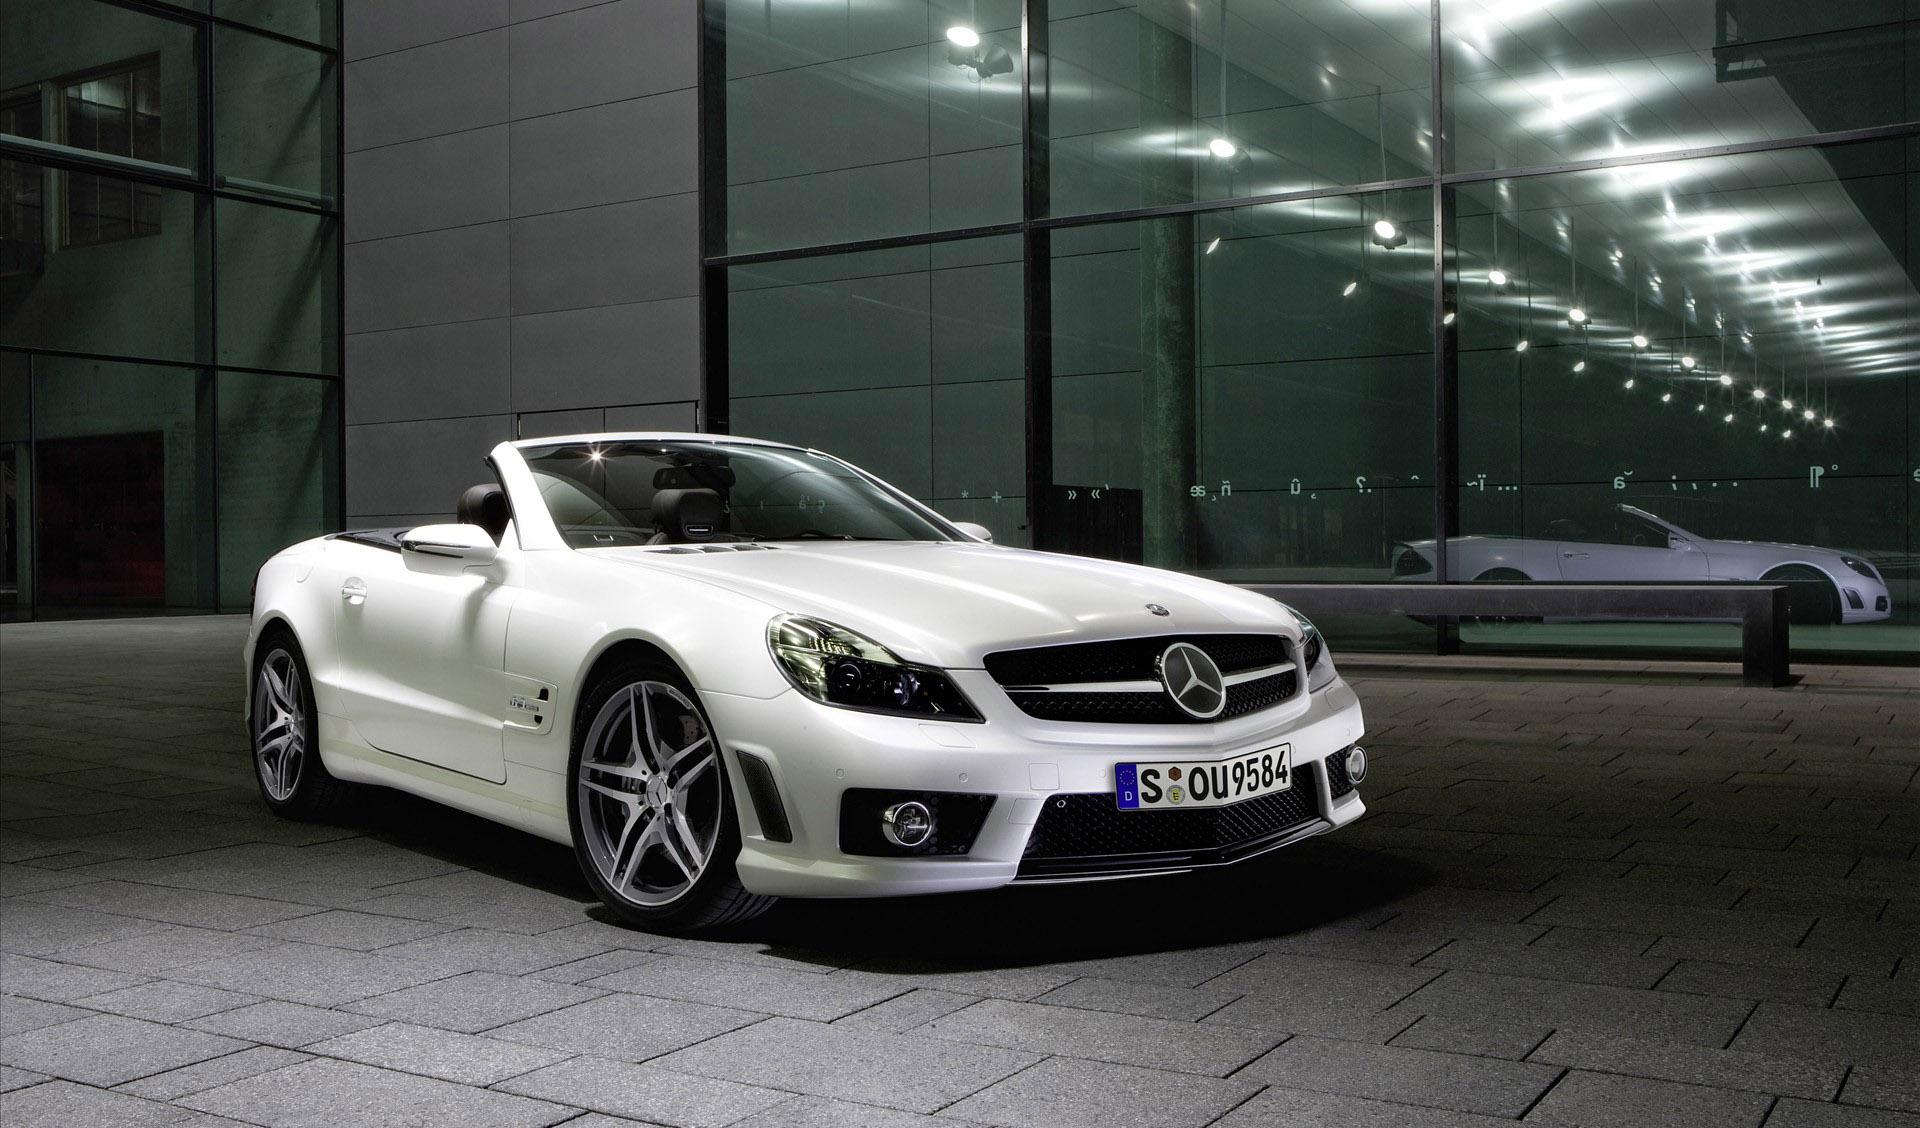 Mercedes-Benz SL 63 AMG Edition IWC photo #1